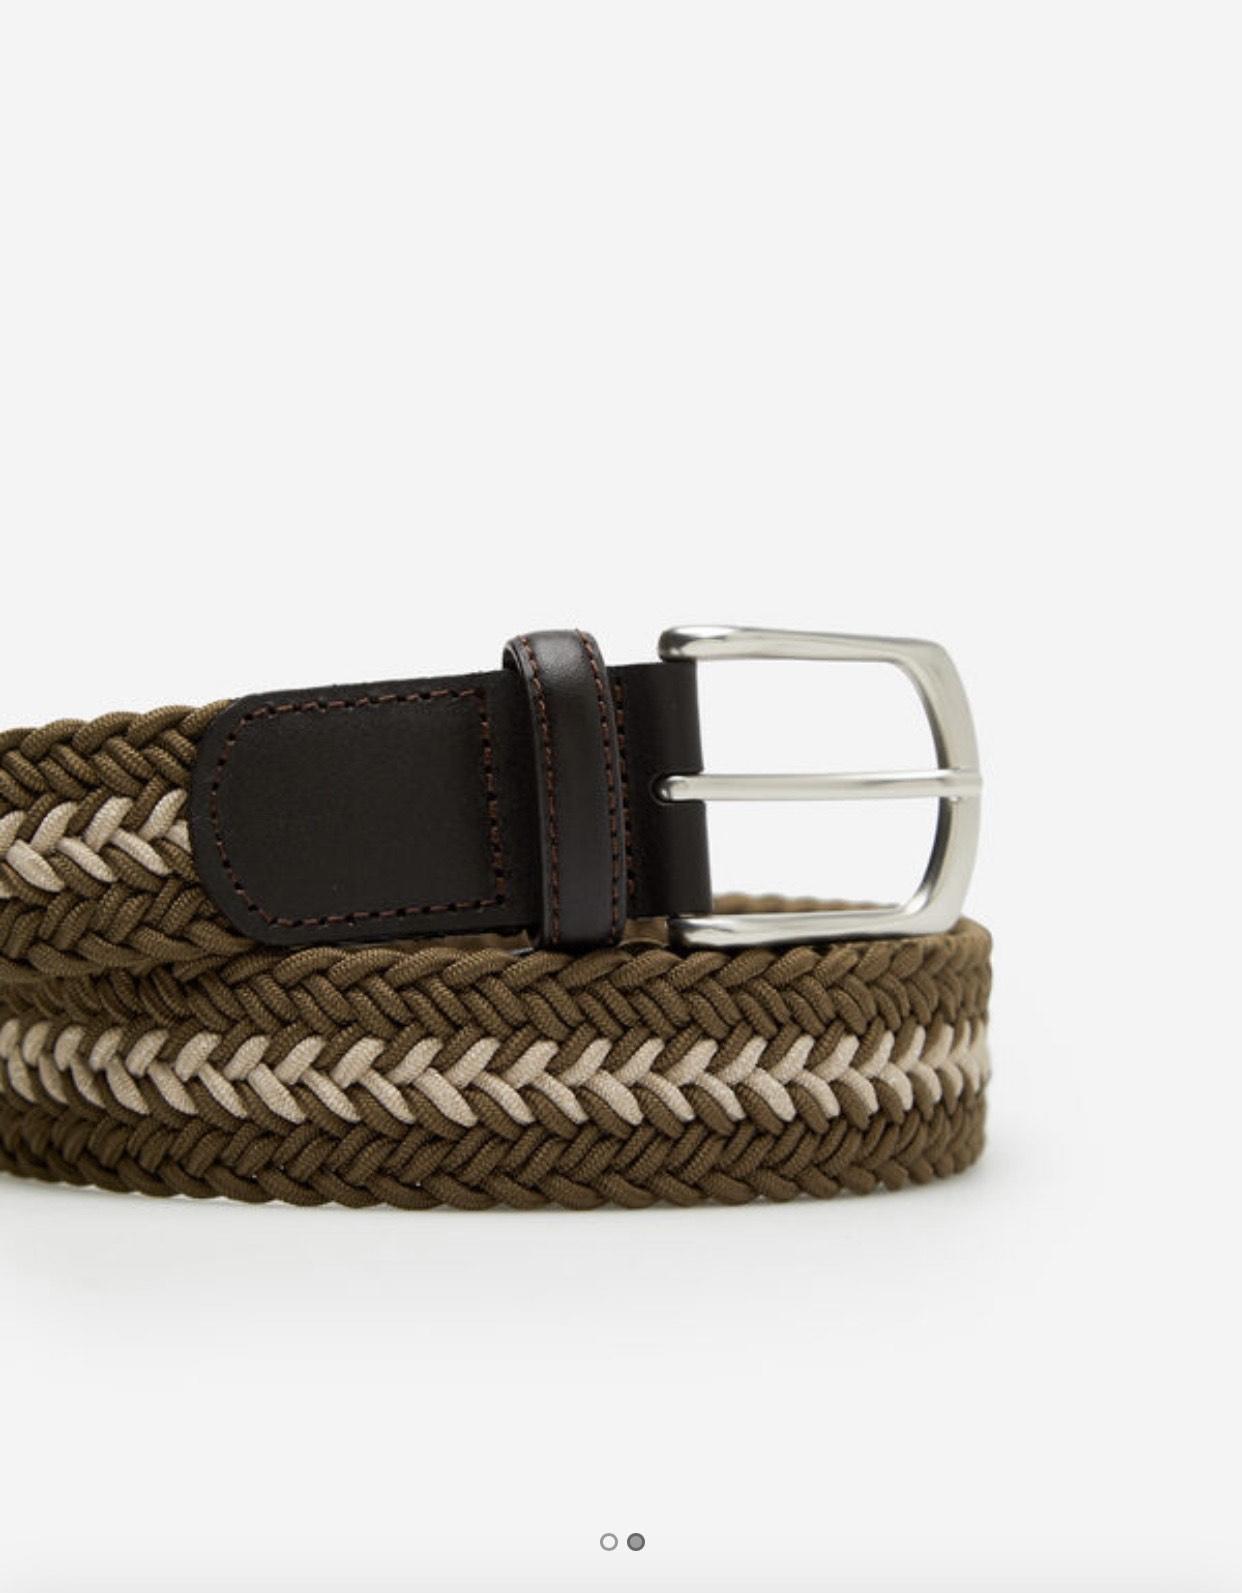 Cinturón Trenzado Caballero (Cortefiel)